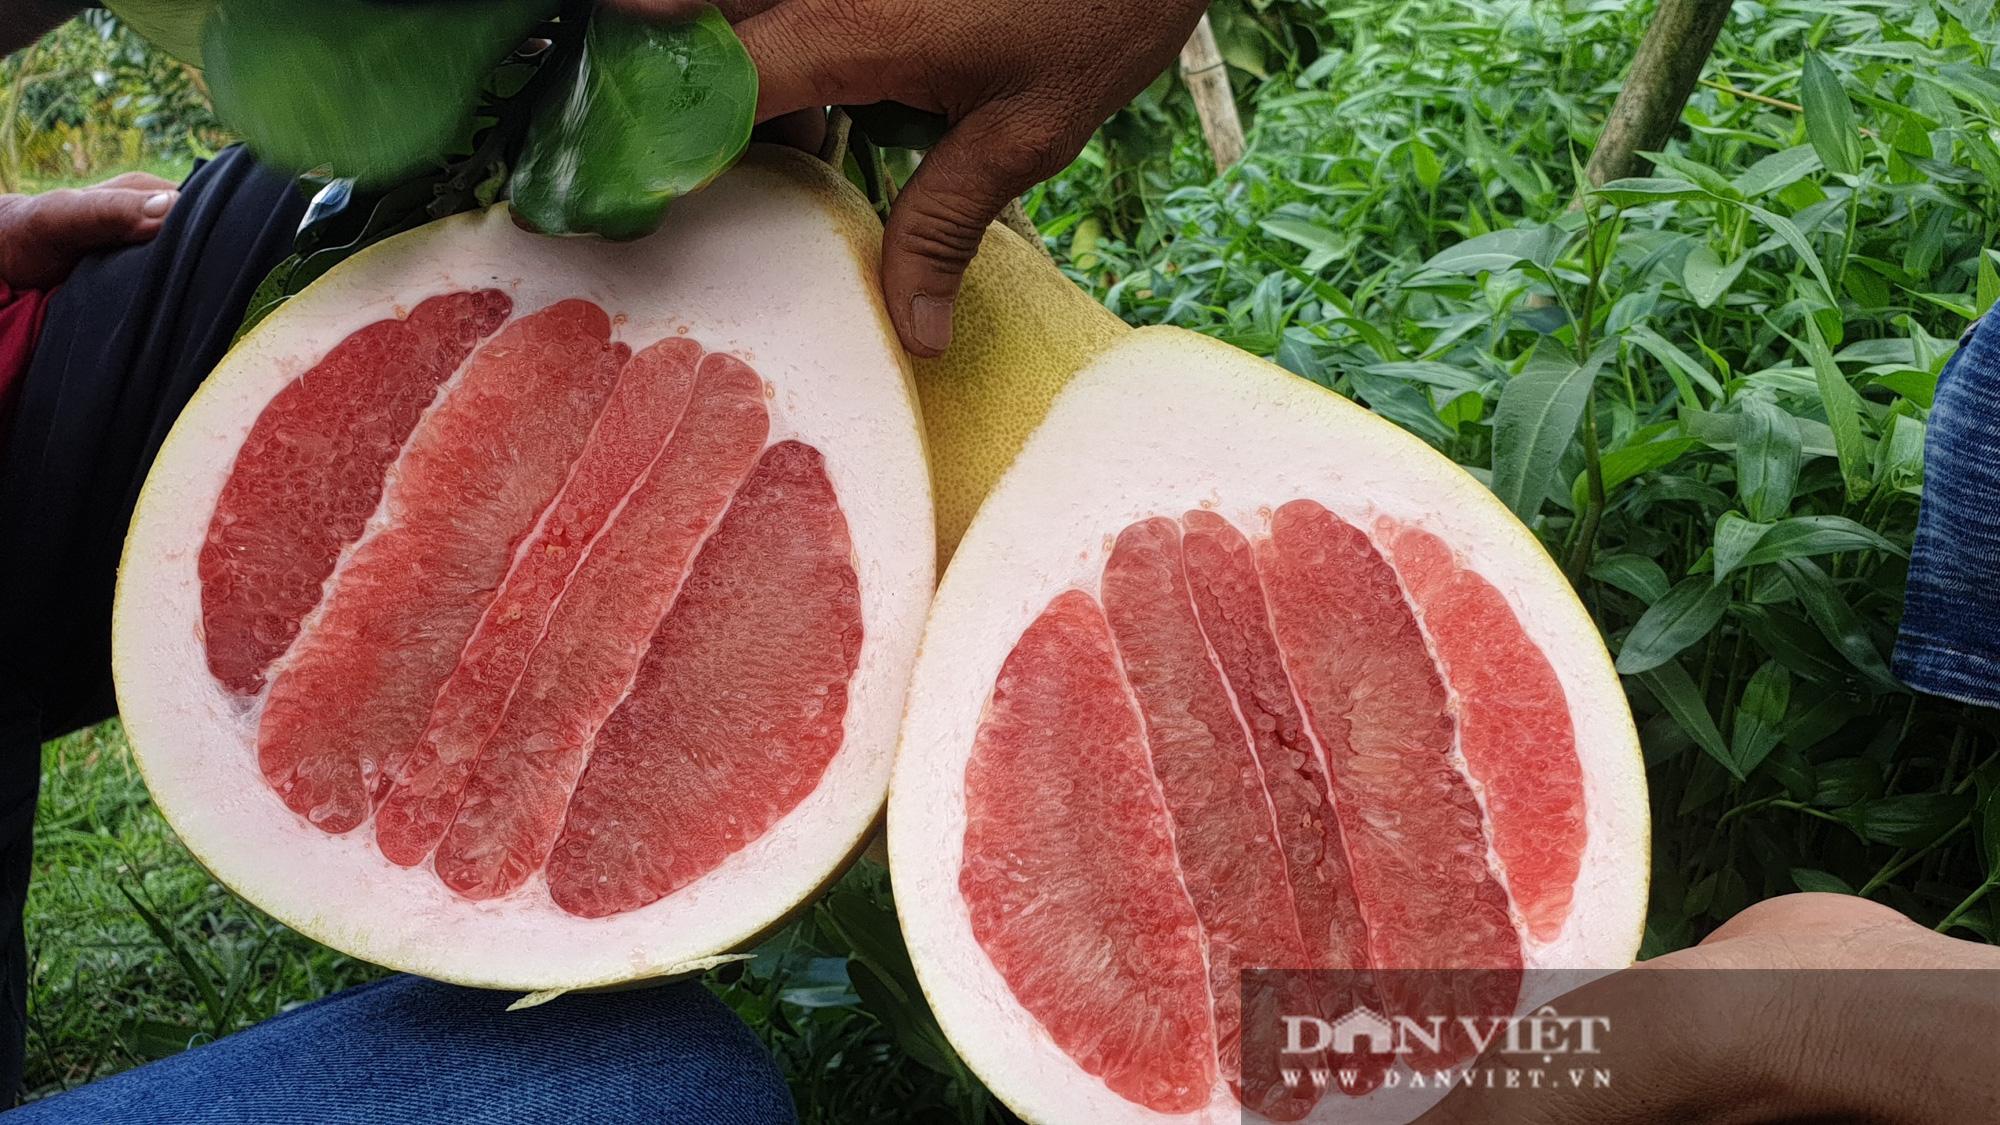 Rất lạ: Trái bưởi màu hồng rất to, treo từng chùm trong vườn nhìn đã mắt ở miền Tây - Ảnh 4.